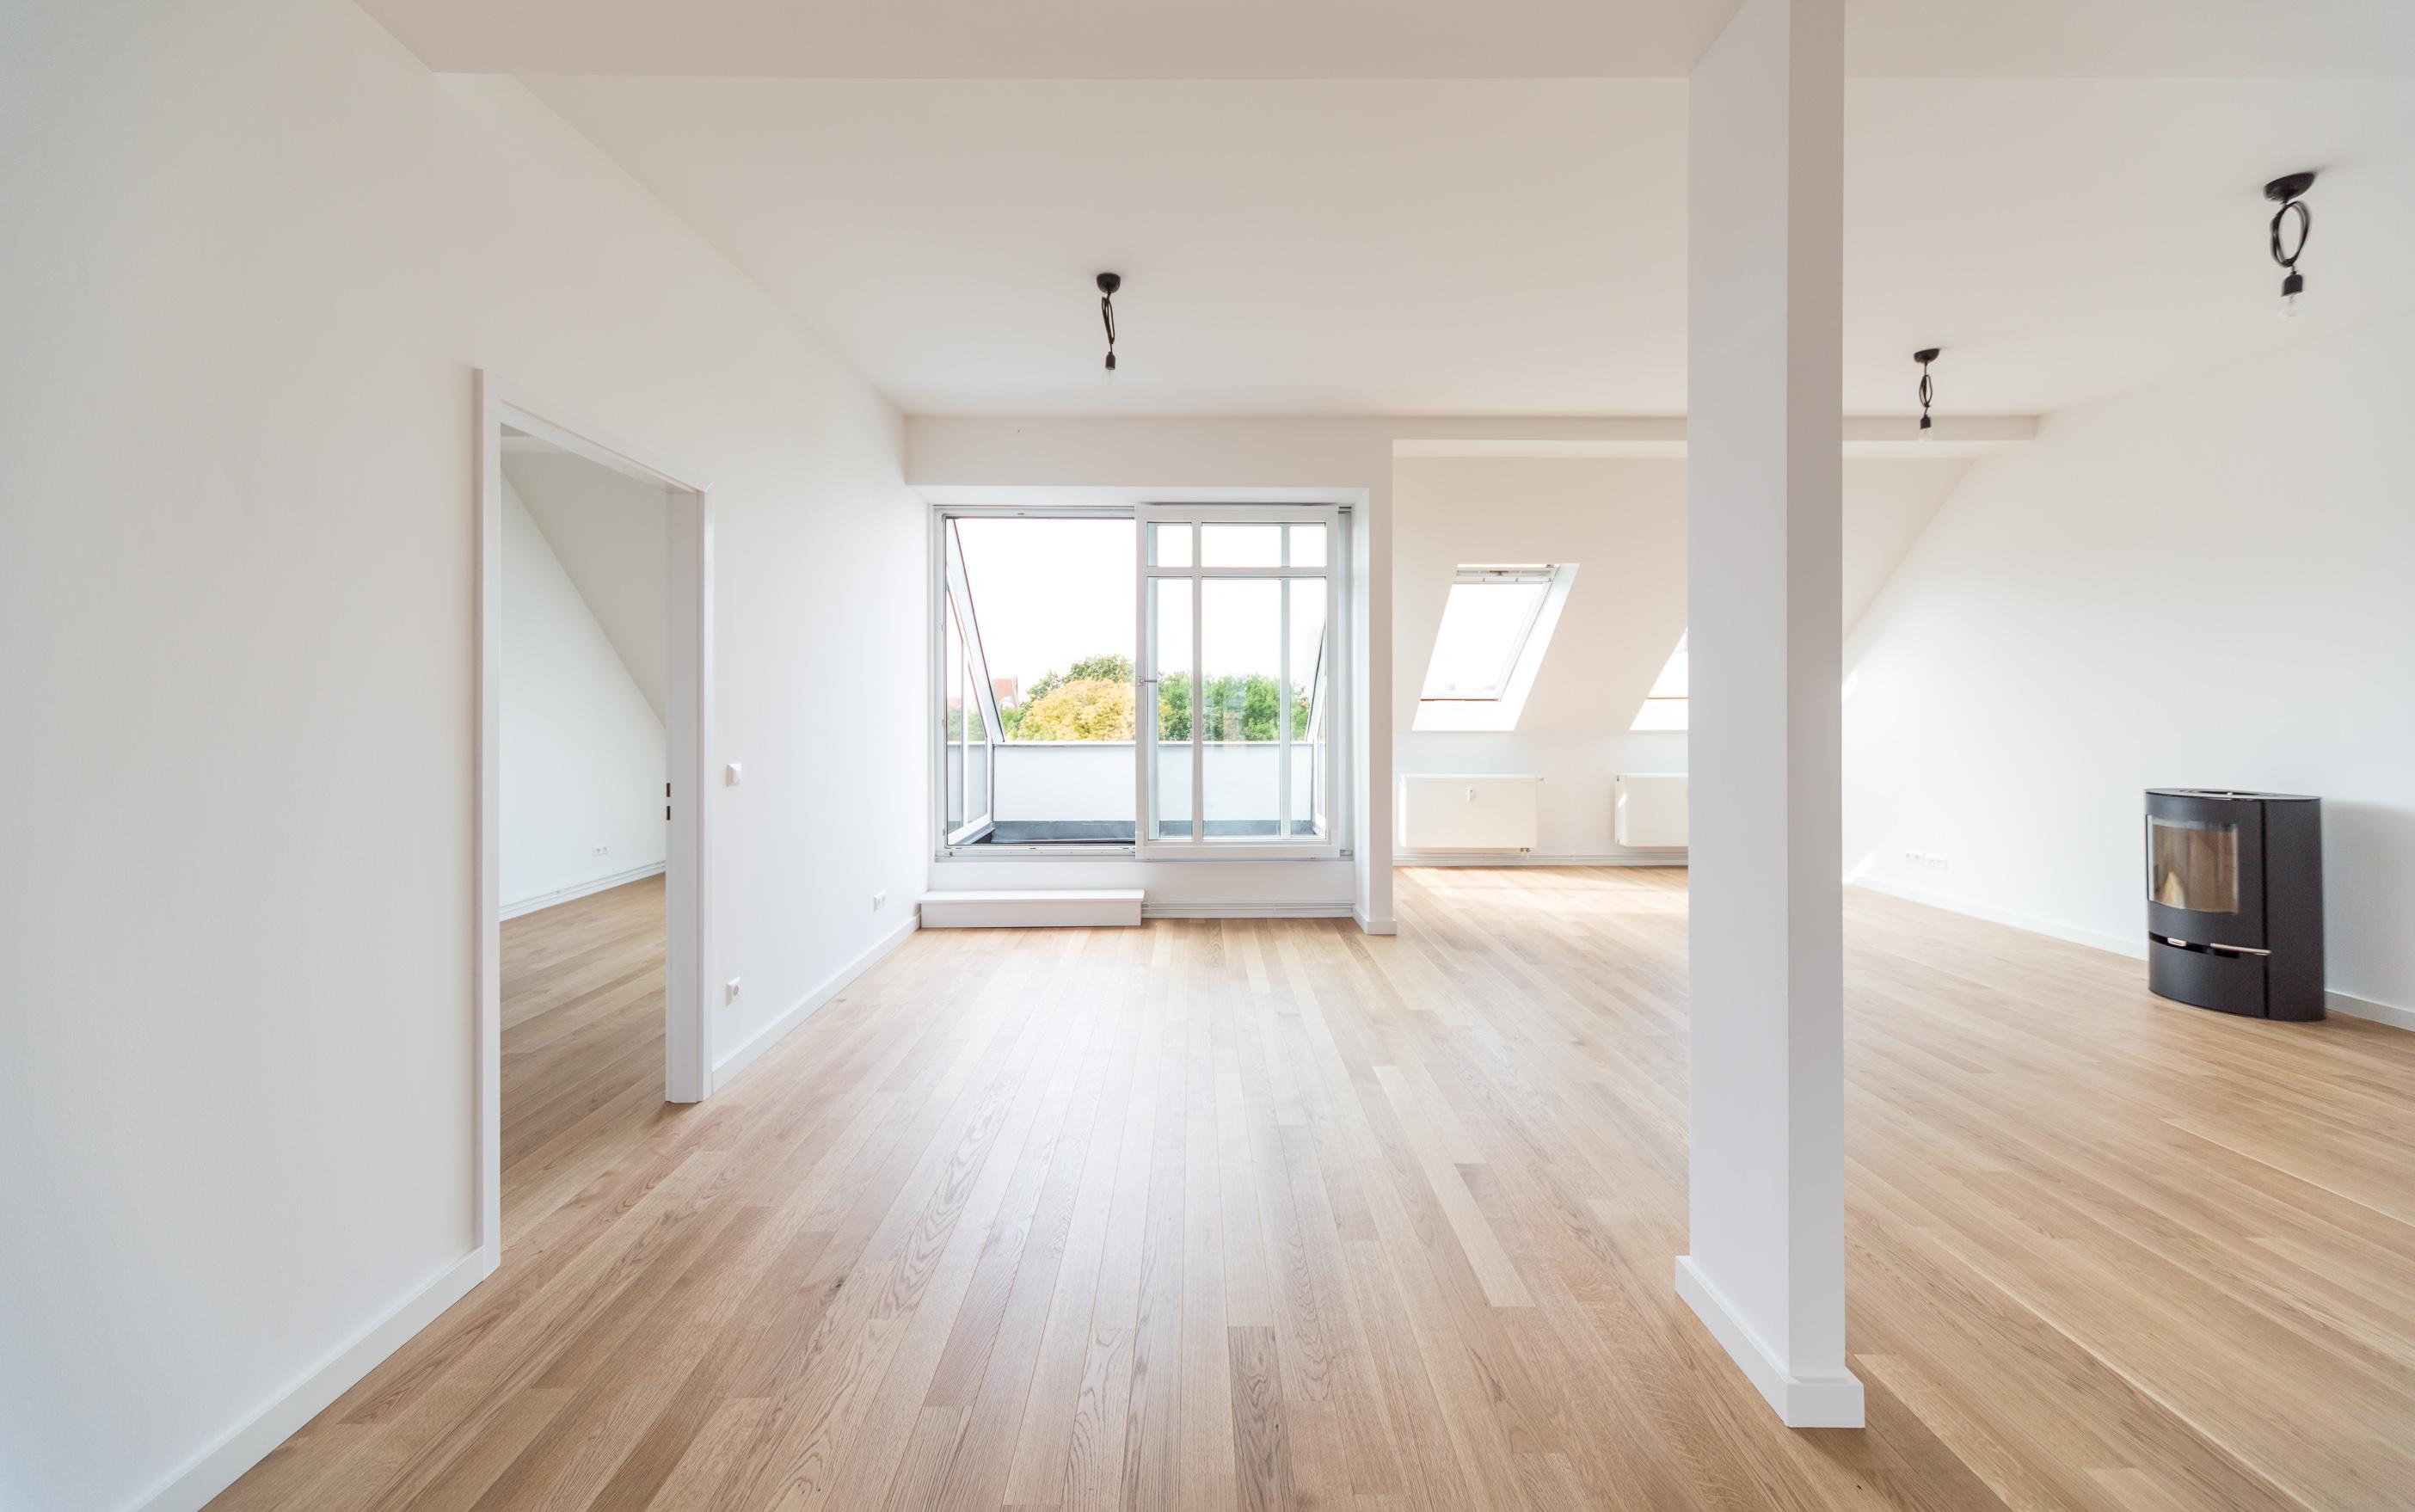 wohnung 28 pohl prym eigentumswohnungen lychener 26 berlin prenzlauer berg. Black Bedroom Furniture Sets. Home Design Ideas